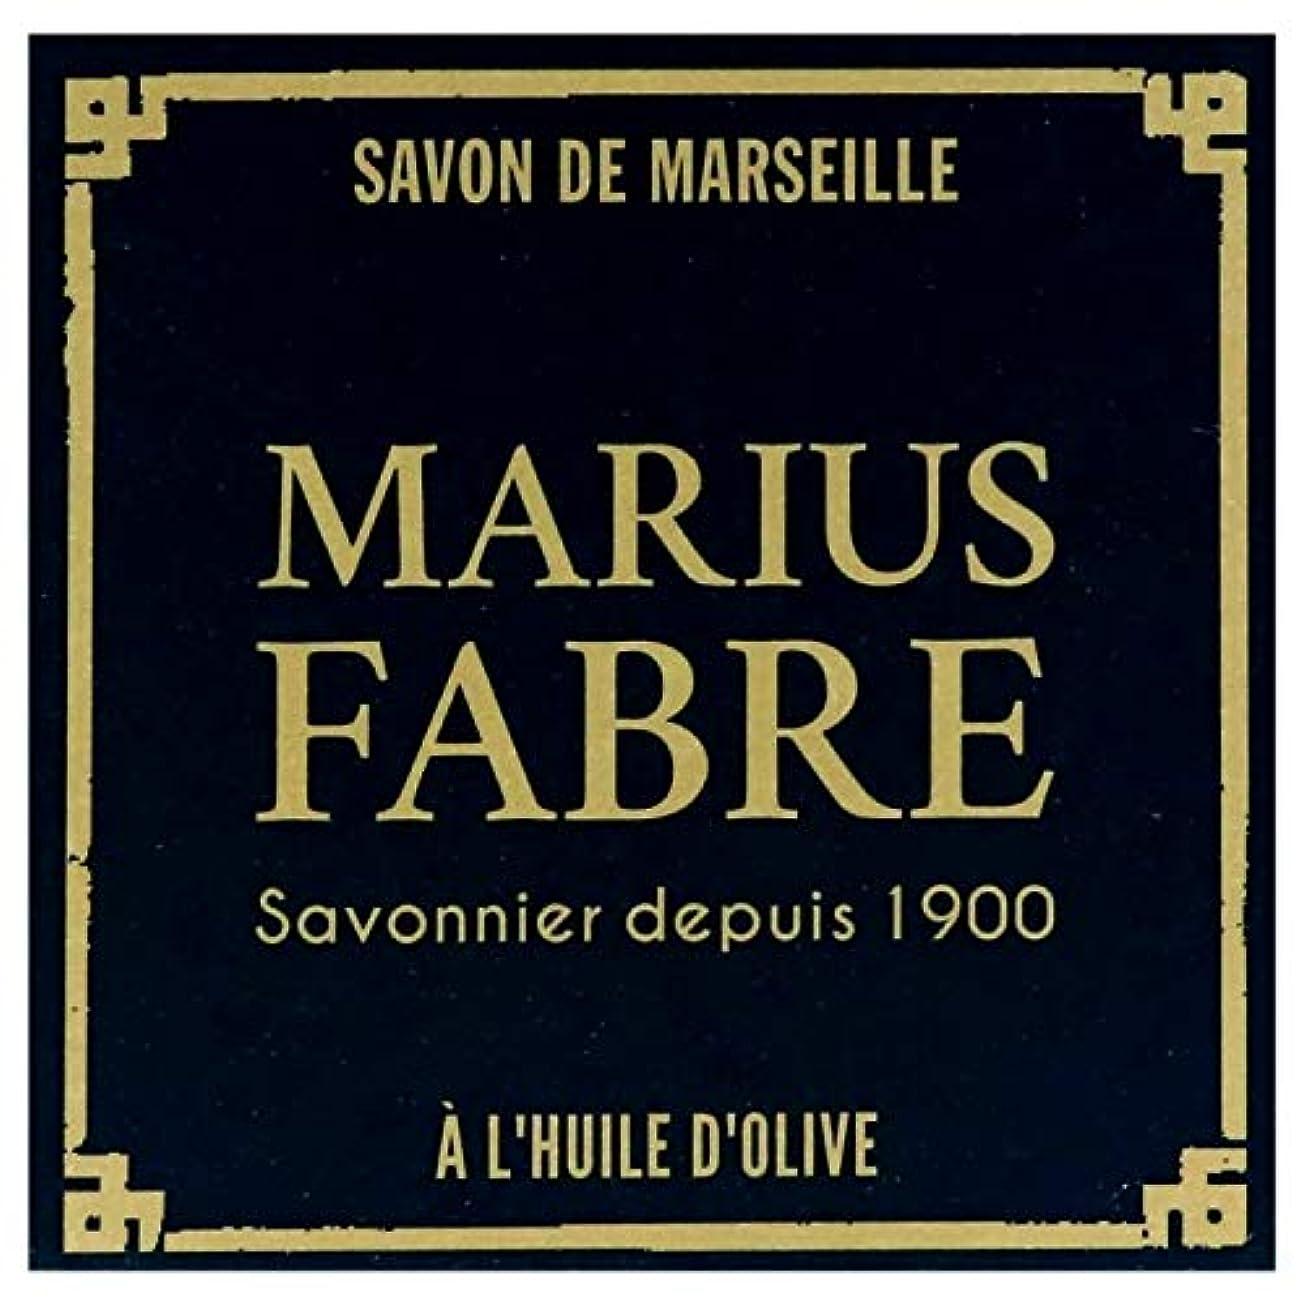 水平談話異なるサボンドマルセイユ ネイチャー オリーブ (400g)